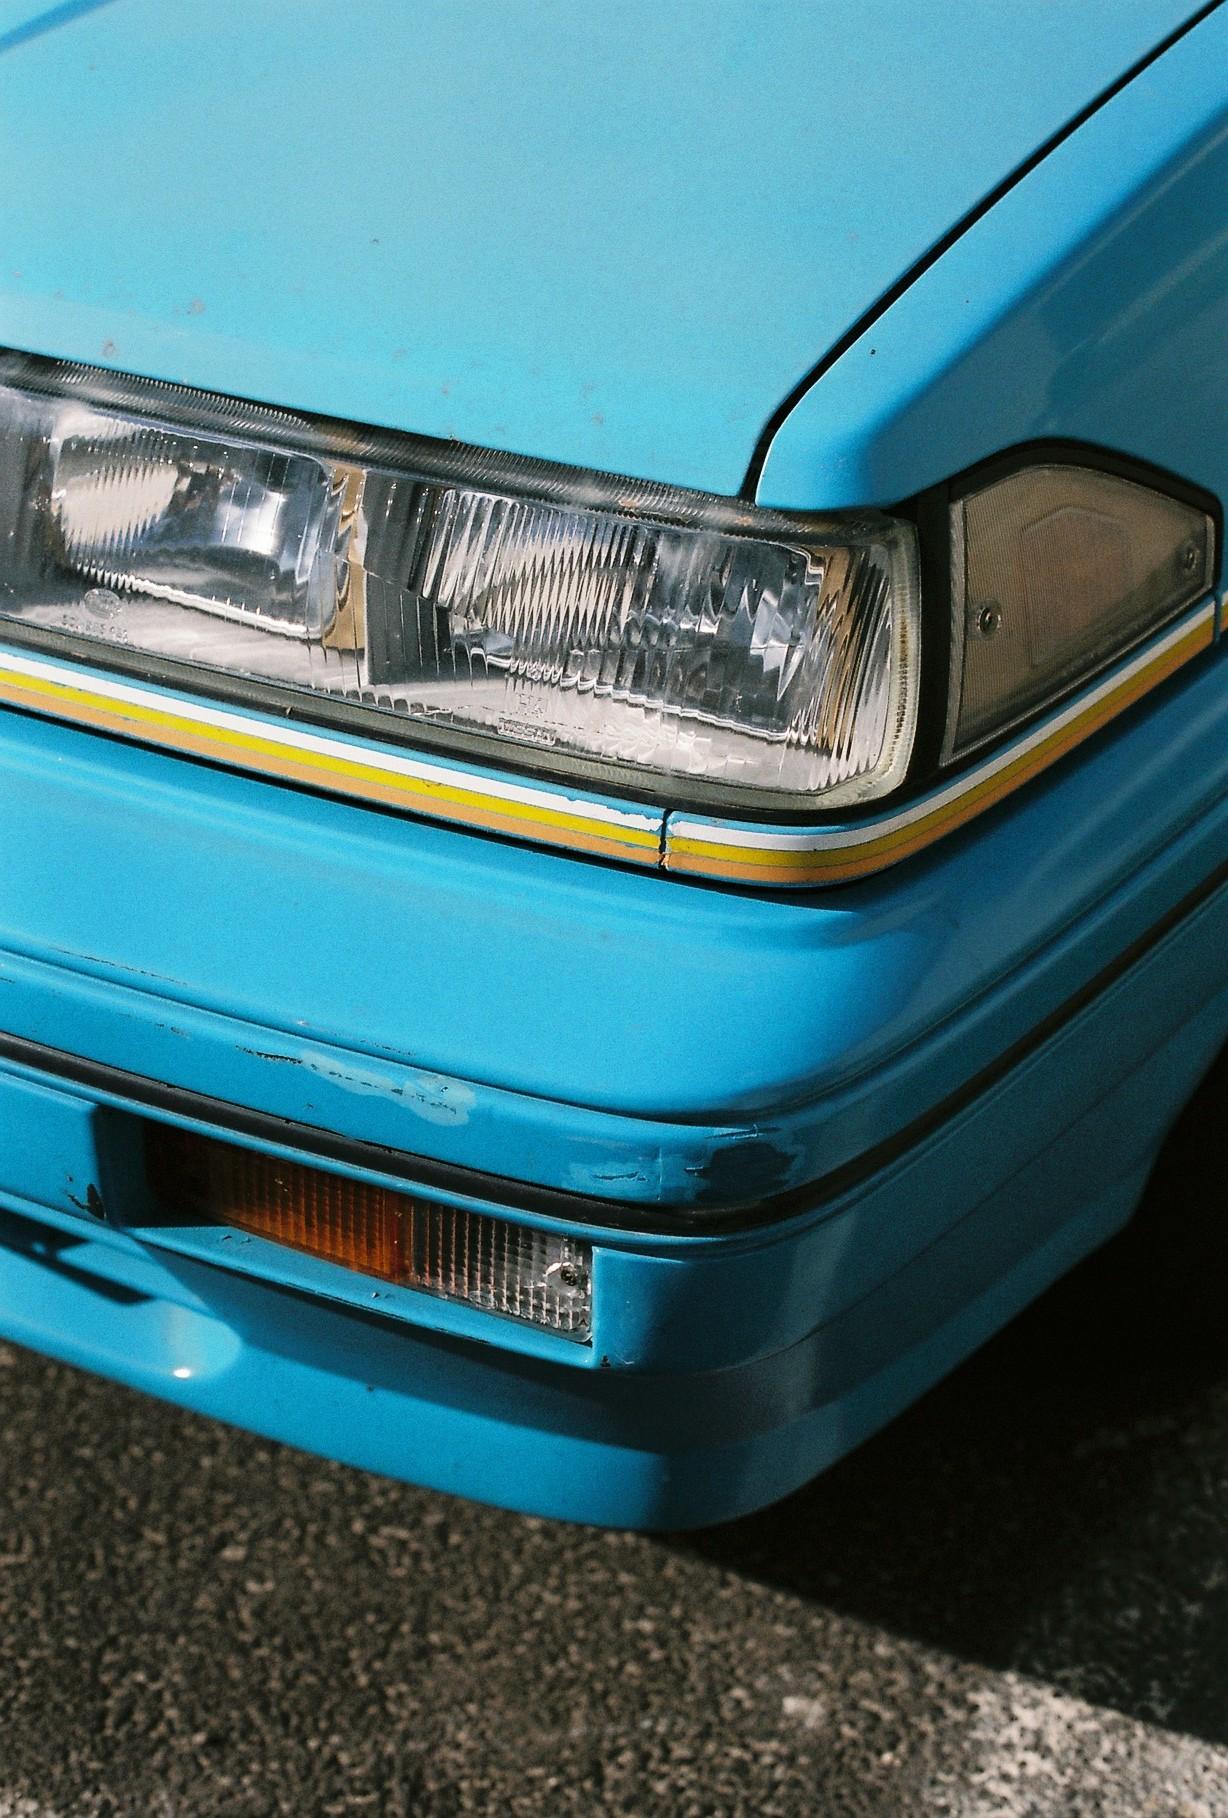 photography suburb melbourne blue car